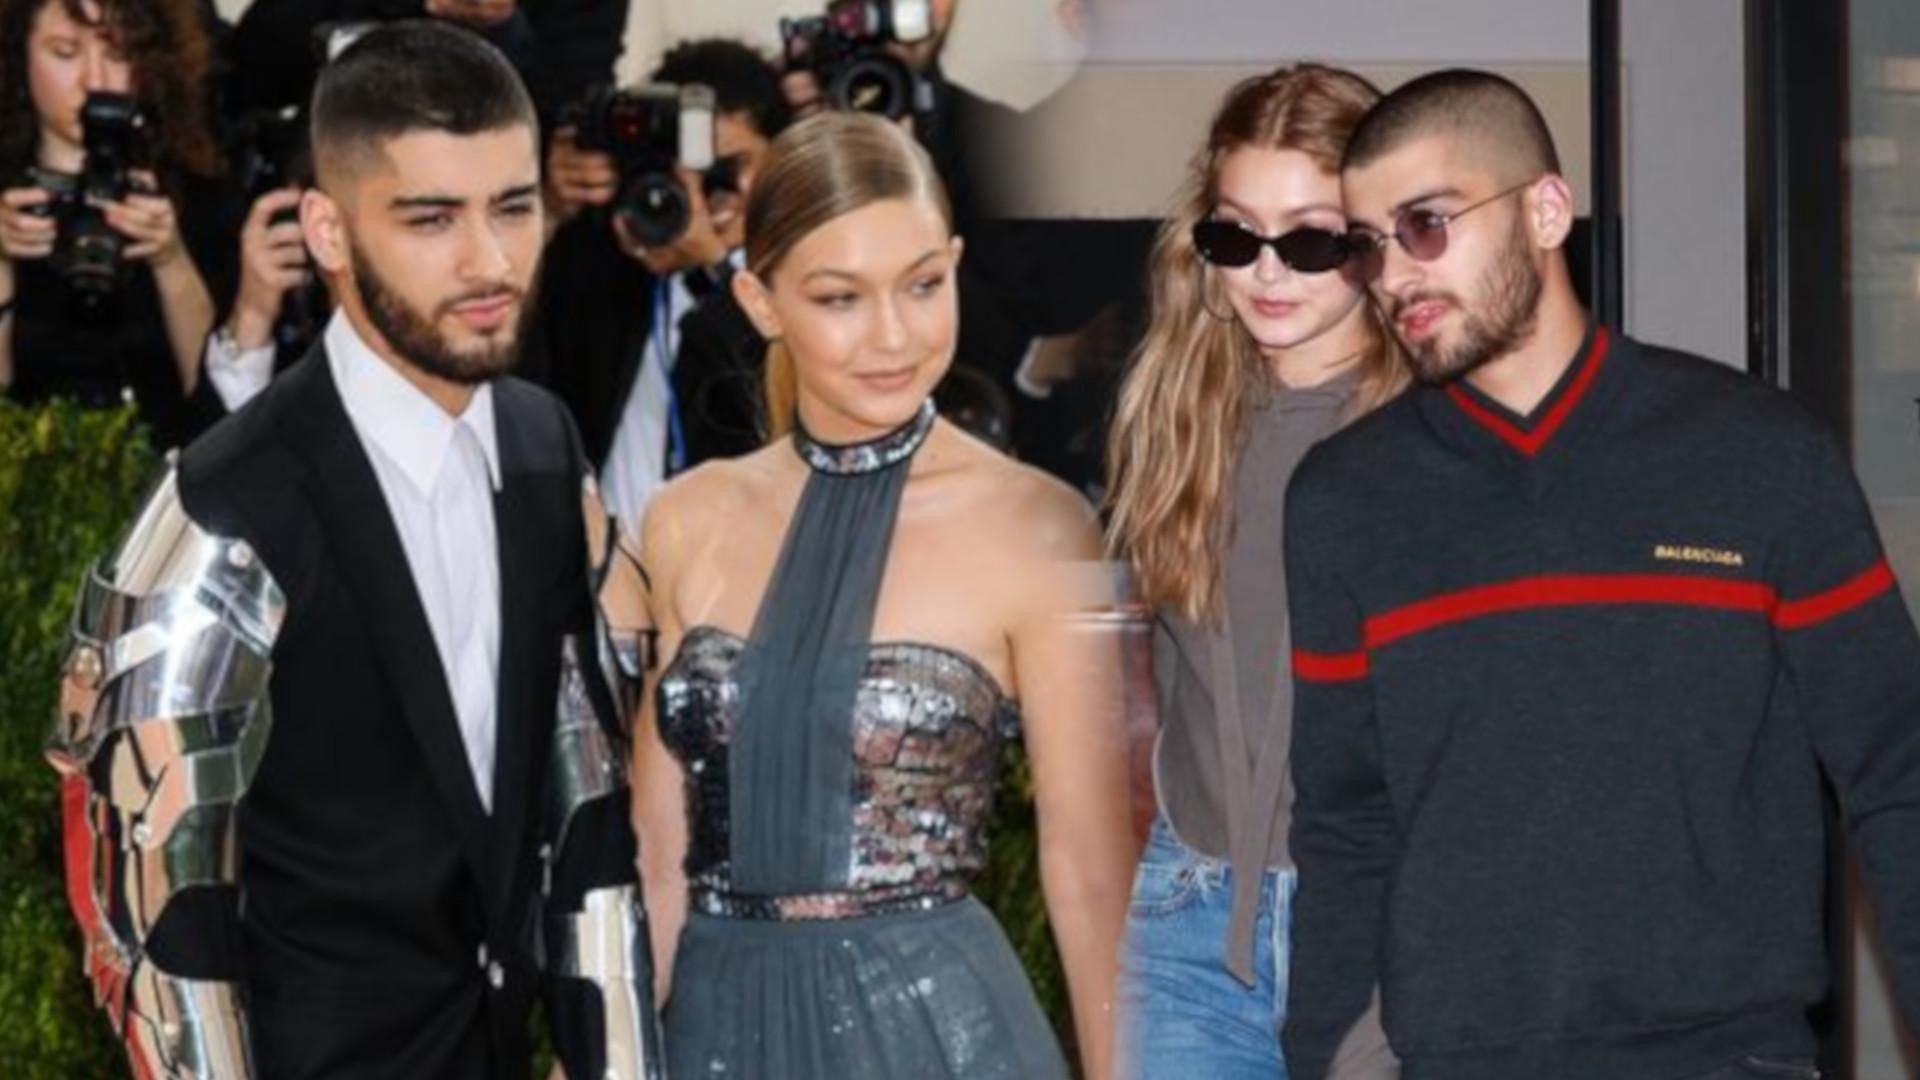 Zayn Malik wypowiedział OBRZYDLIWE słowa w kierunku Gigi Hadid. Zamieścił wpis, który oburzył fanów